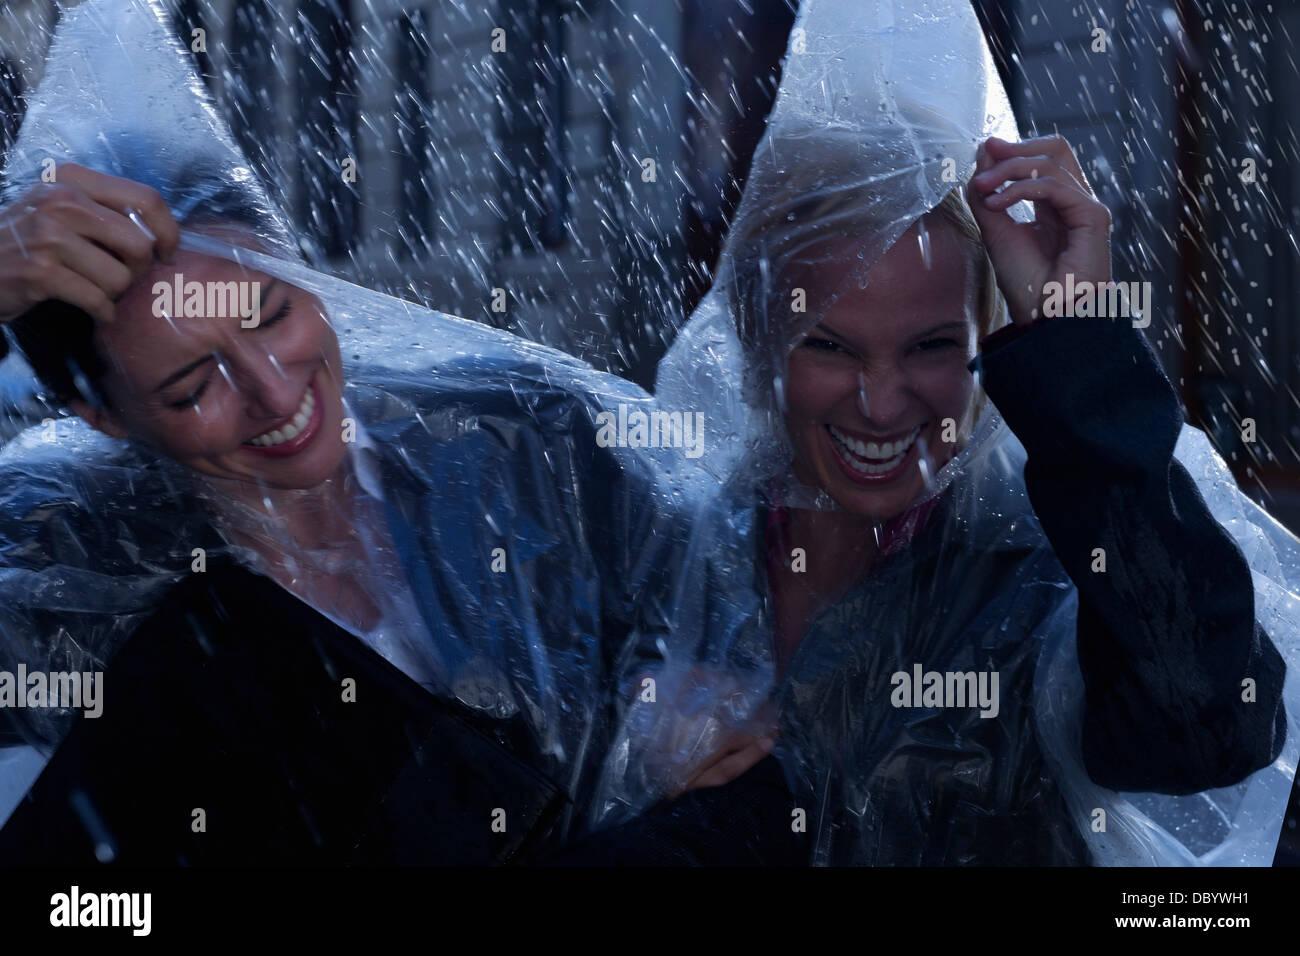 Laughing businesswomen wearing ponchos in rain - Stock Image